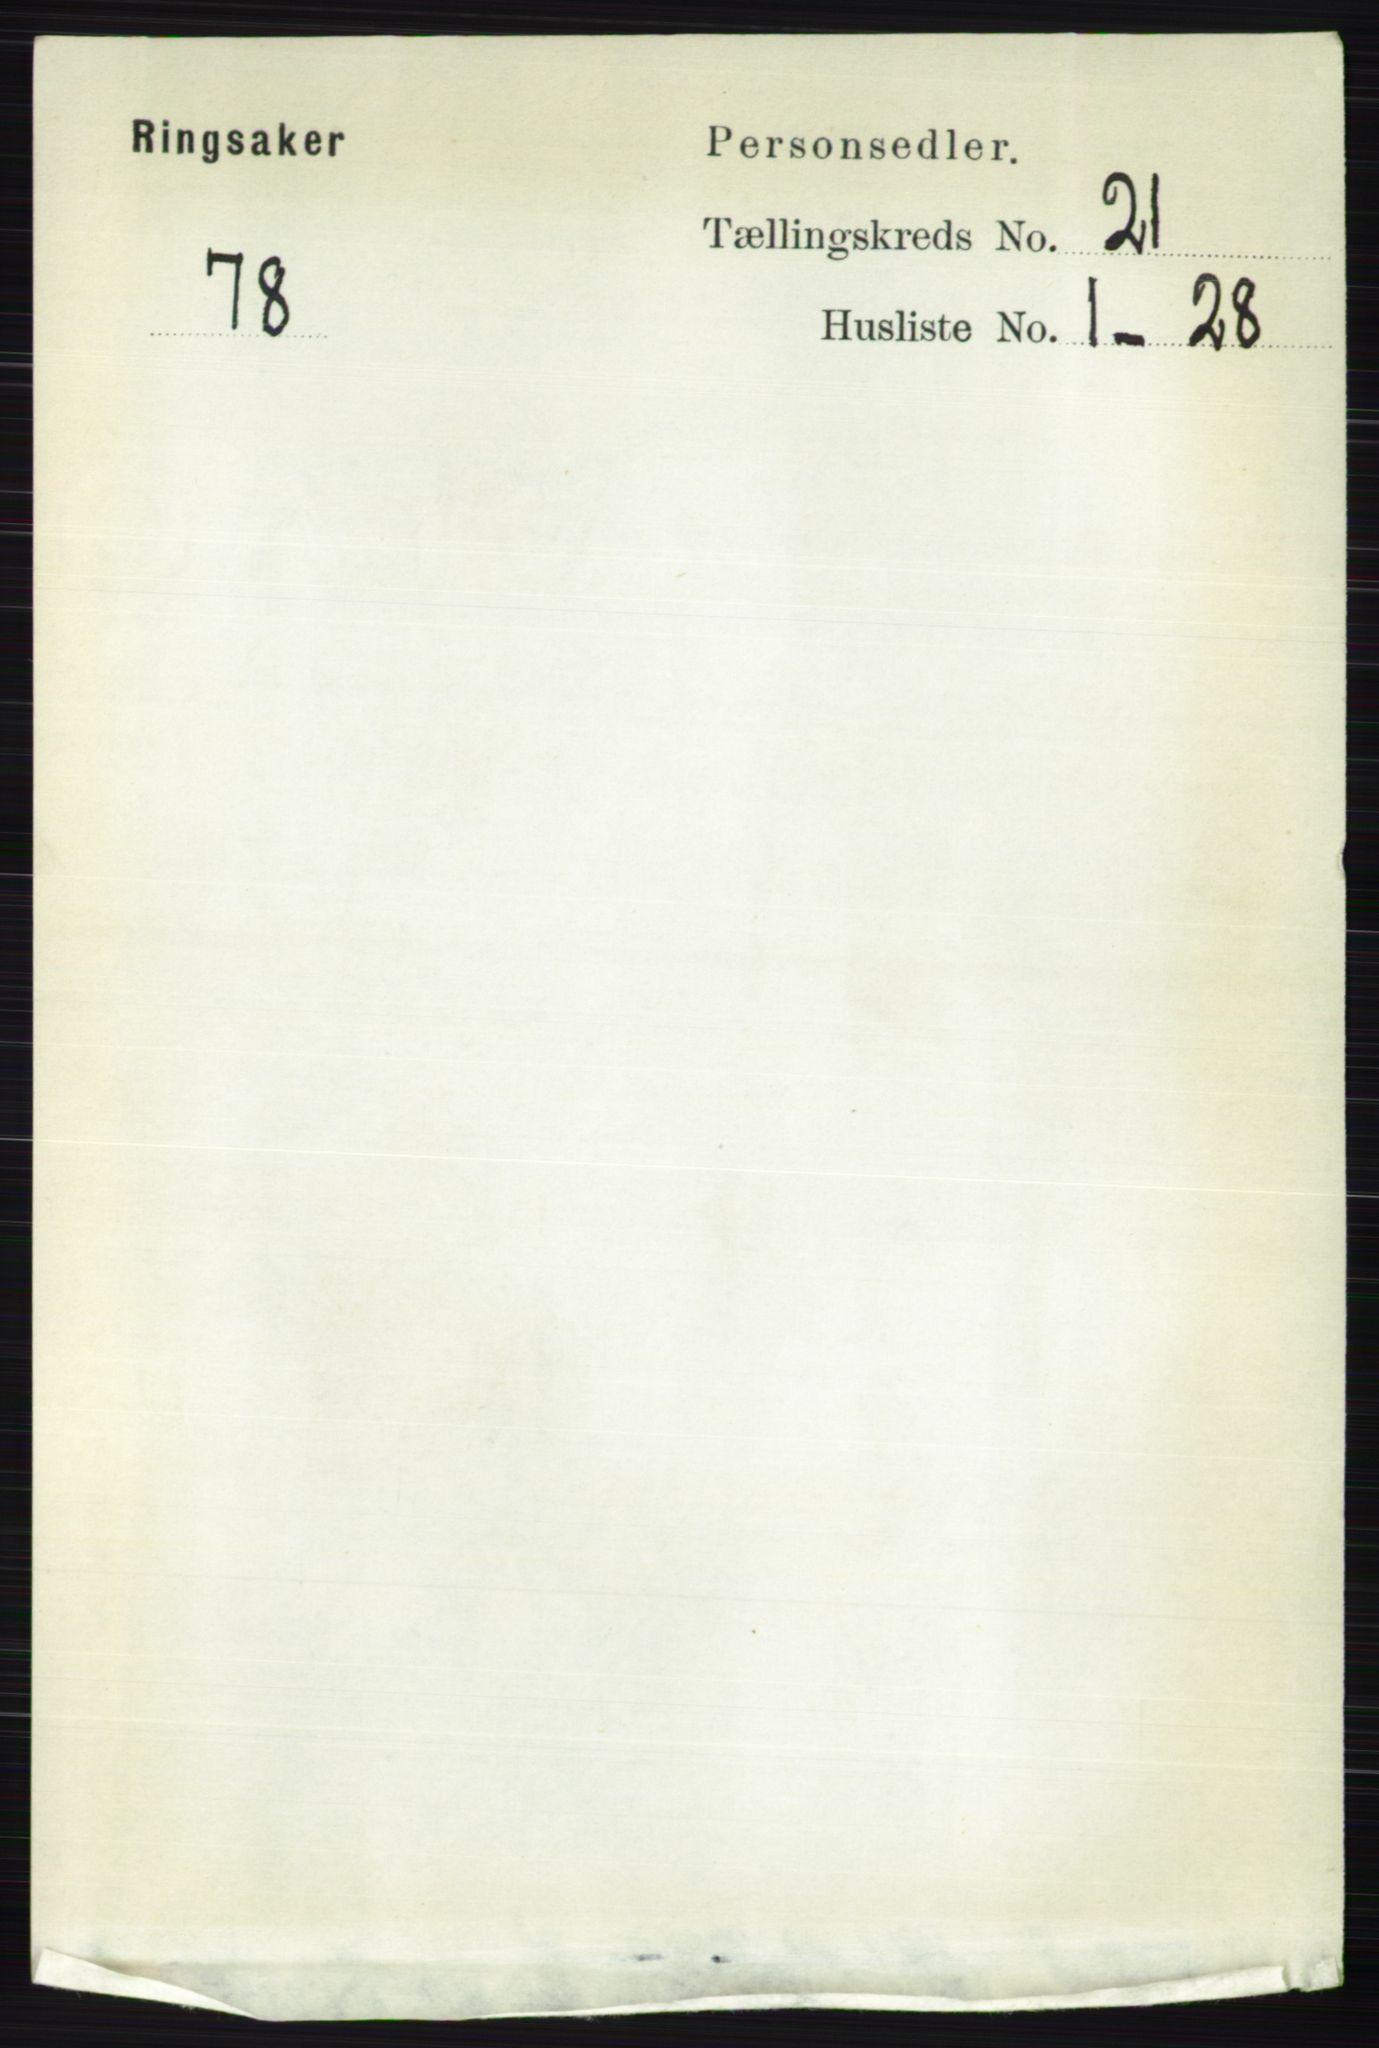 RA, Folketelling 1891 for 0412 Ringsaker herred, 1891, s. 11786